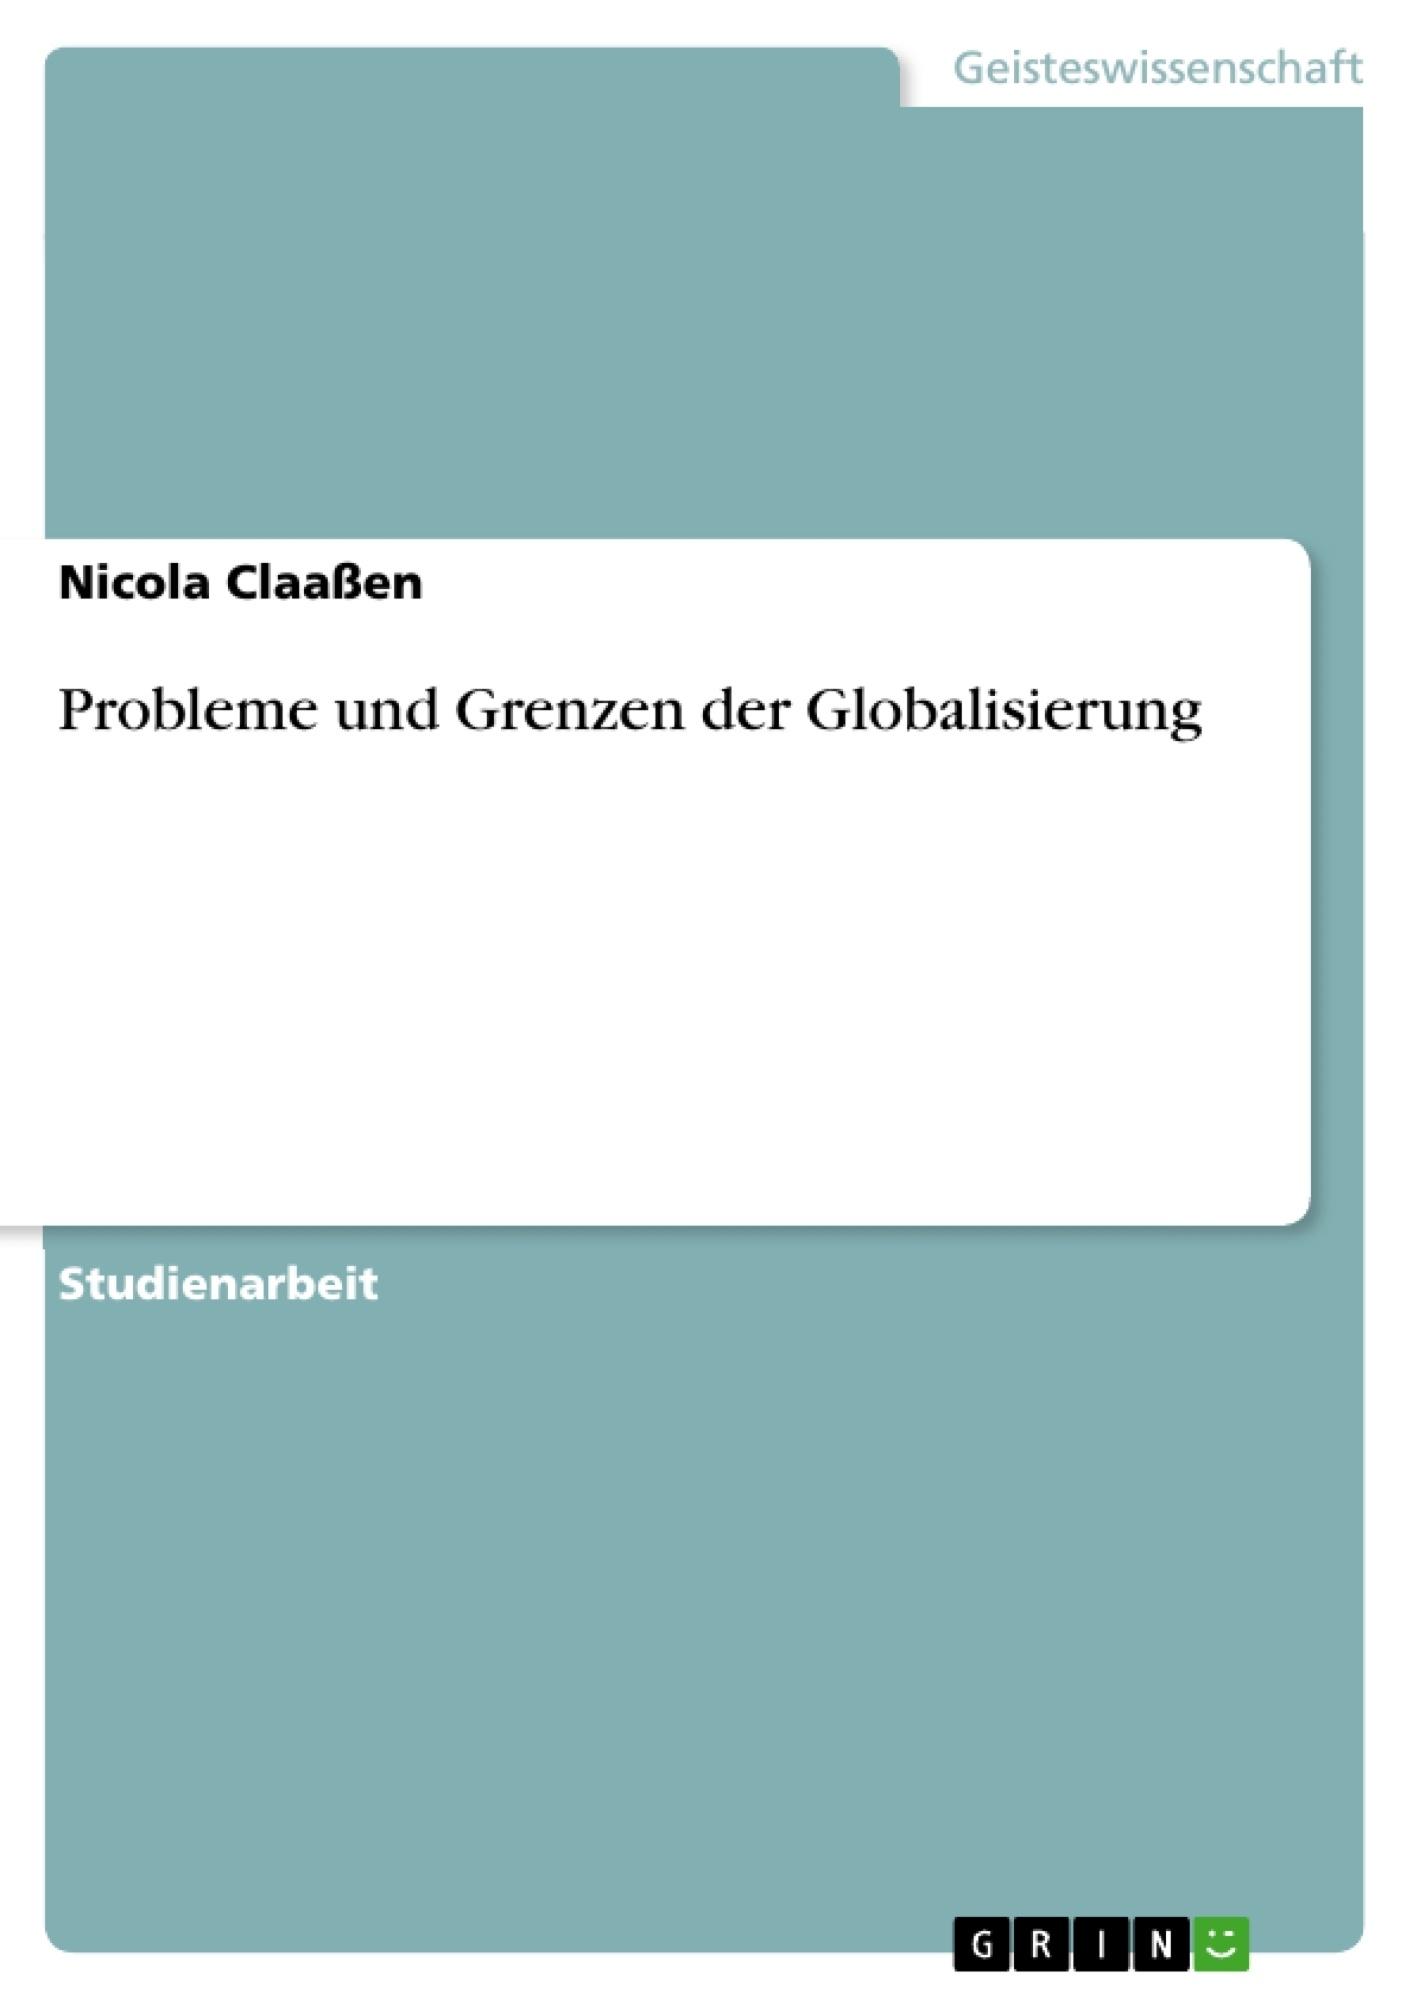 Titel: Probleme und Grenzen der Globalisierung